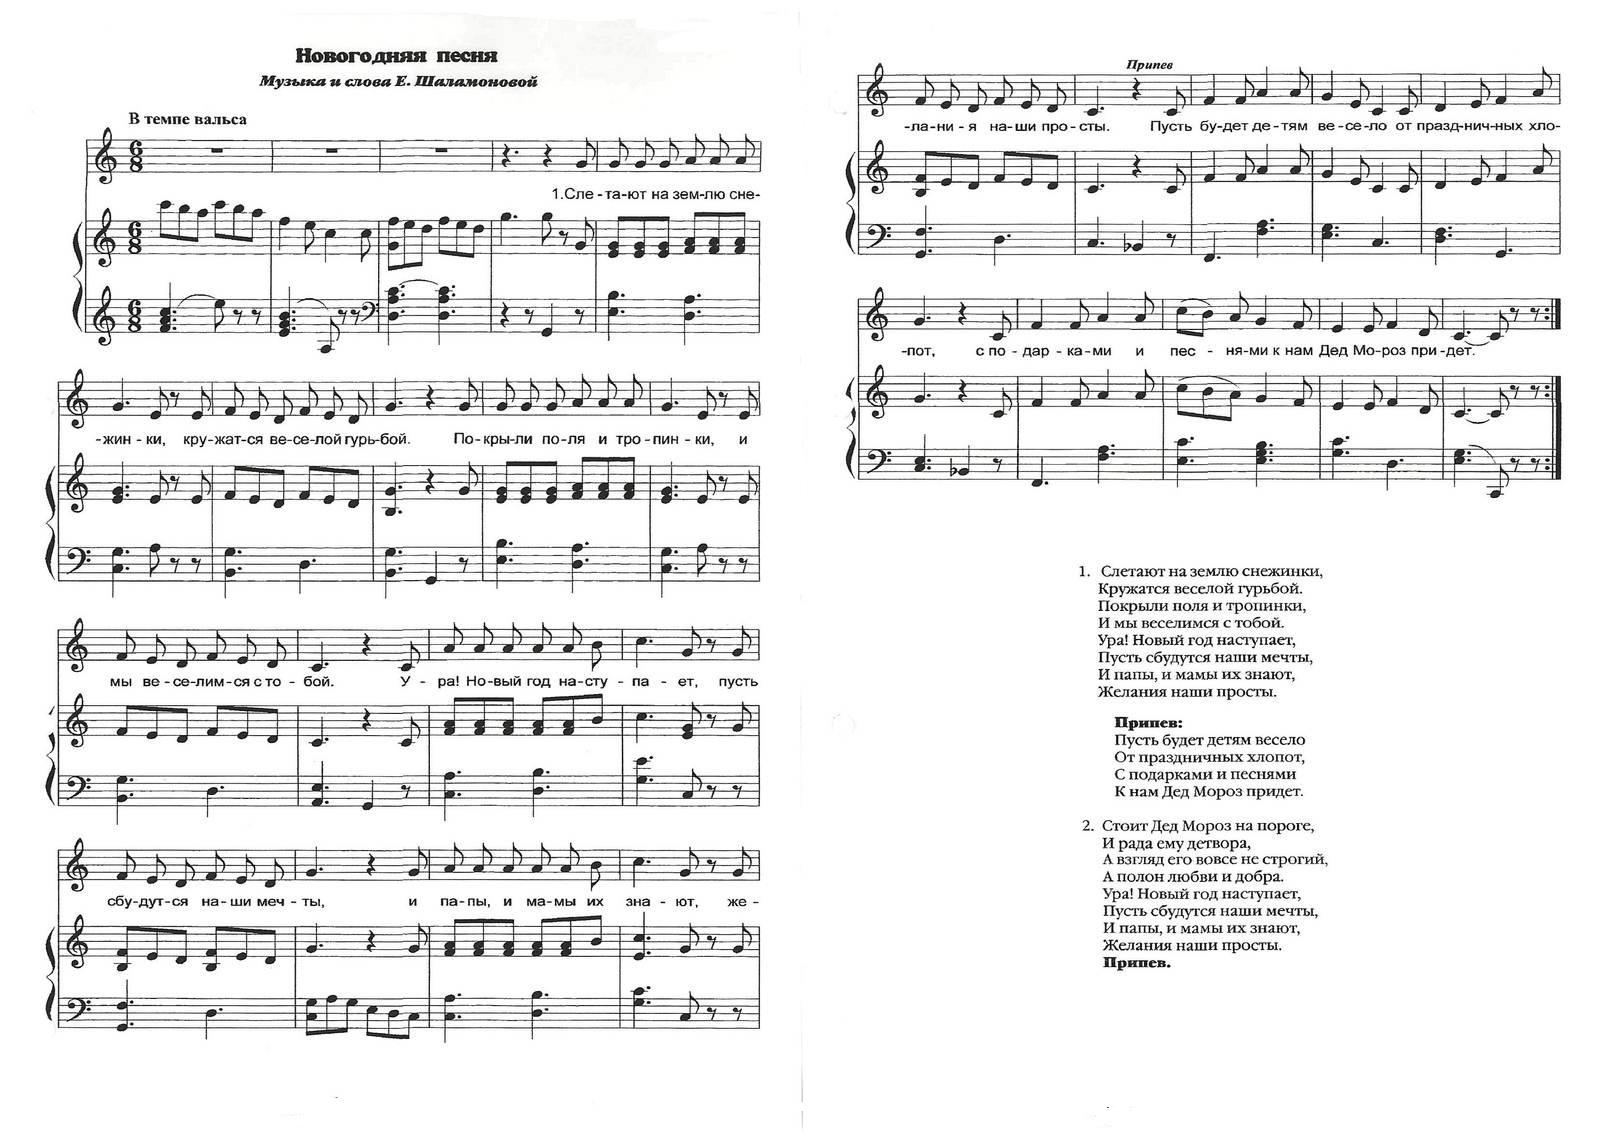 НОВОГОДНИЕ ПЕСНИ ГРУППЫ НЕПОСЕДЫ ПЛЮС И МИНУС СКАЧАТЬ БЕСПЛАТНО